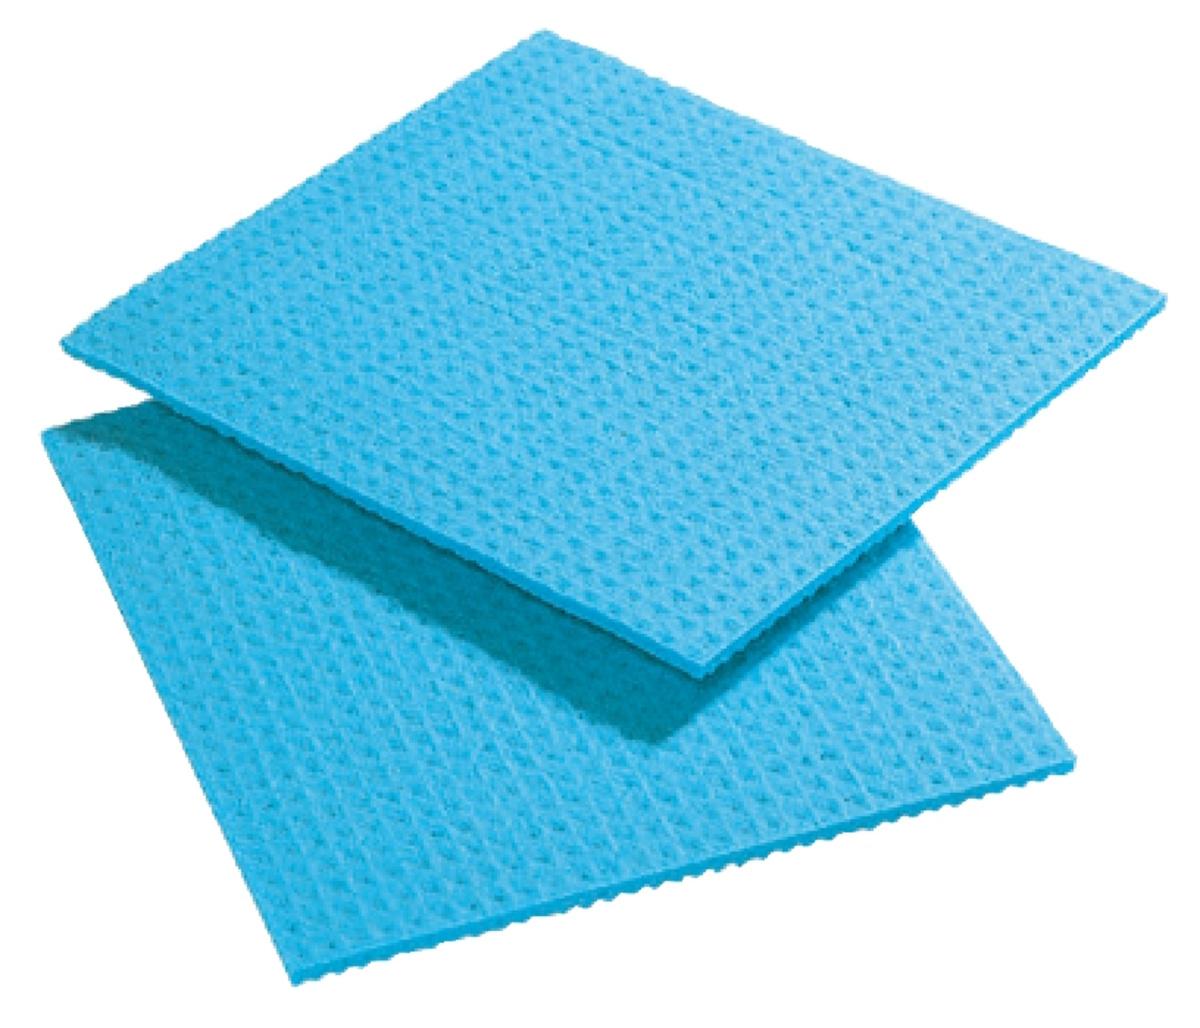 Lot de 10 essuie-vaisselle pour égouttoir bleu 30x31 cm Spontex (10 pièces)